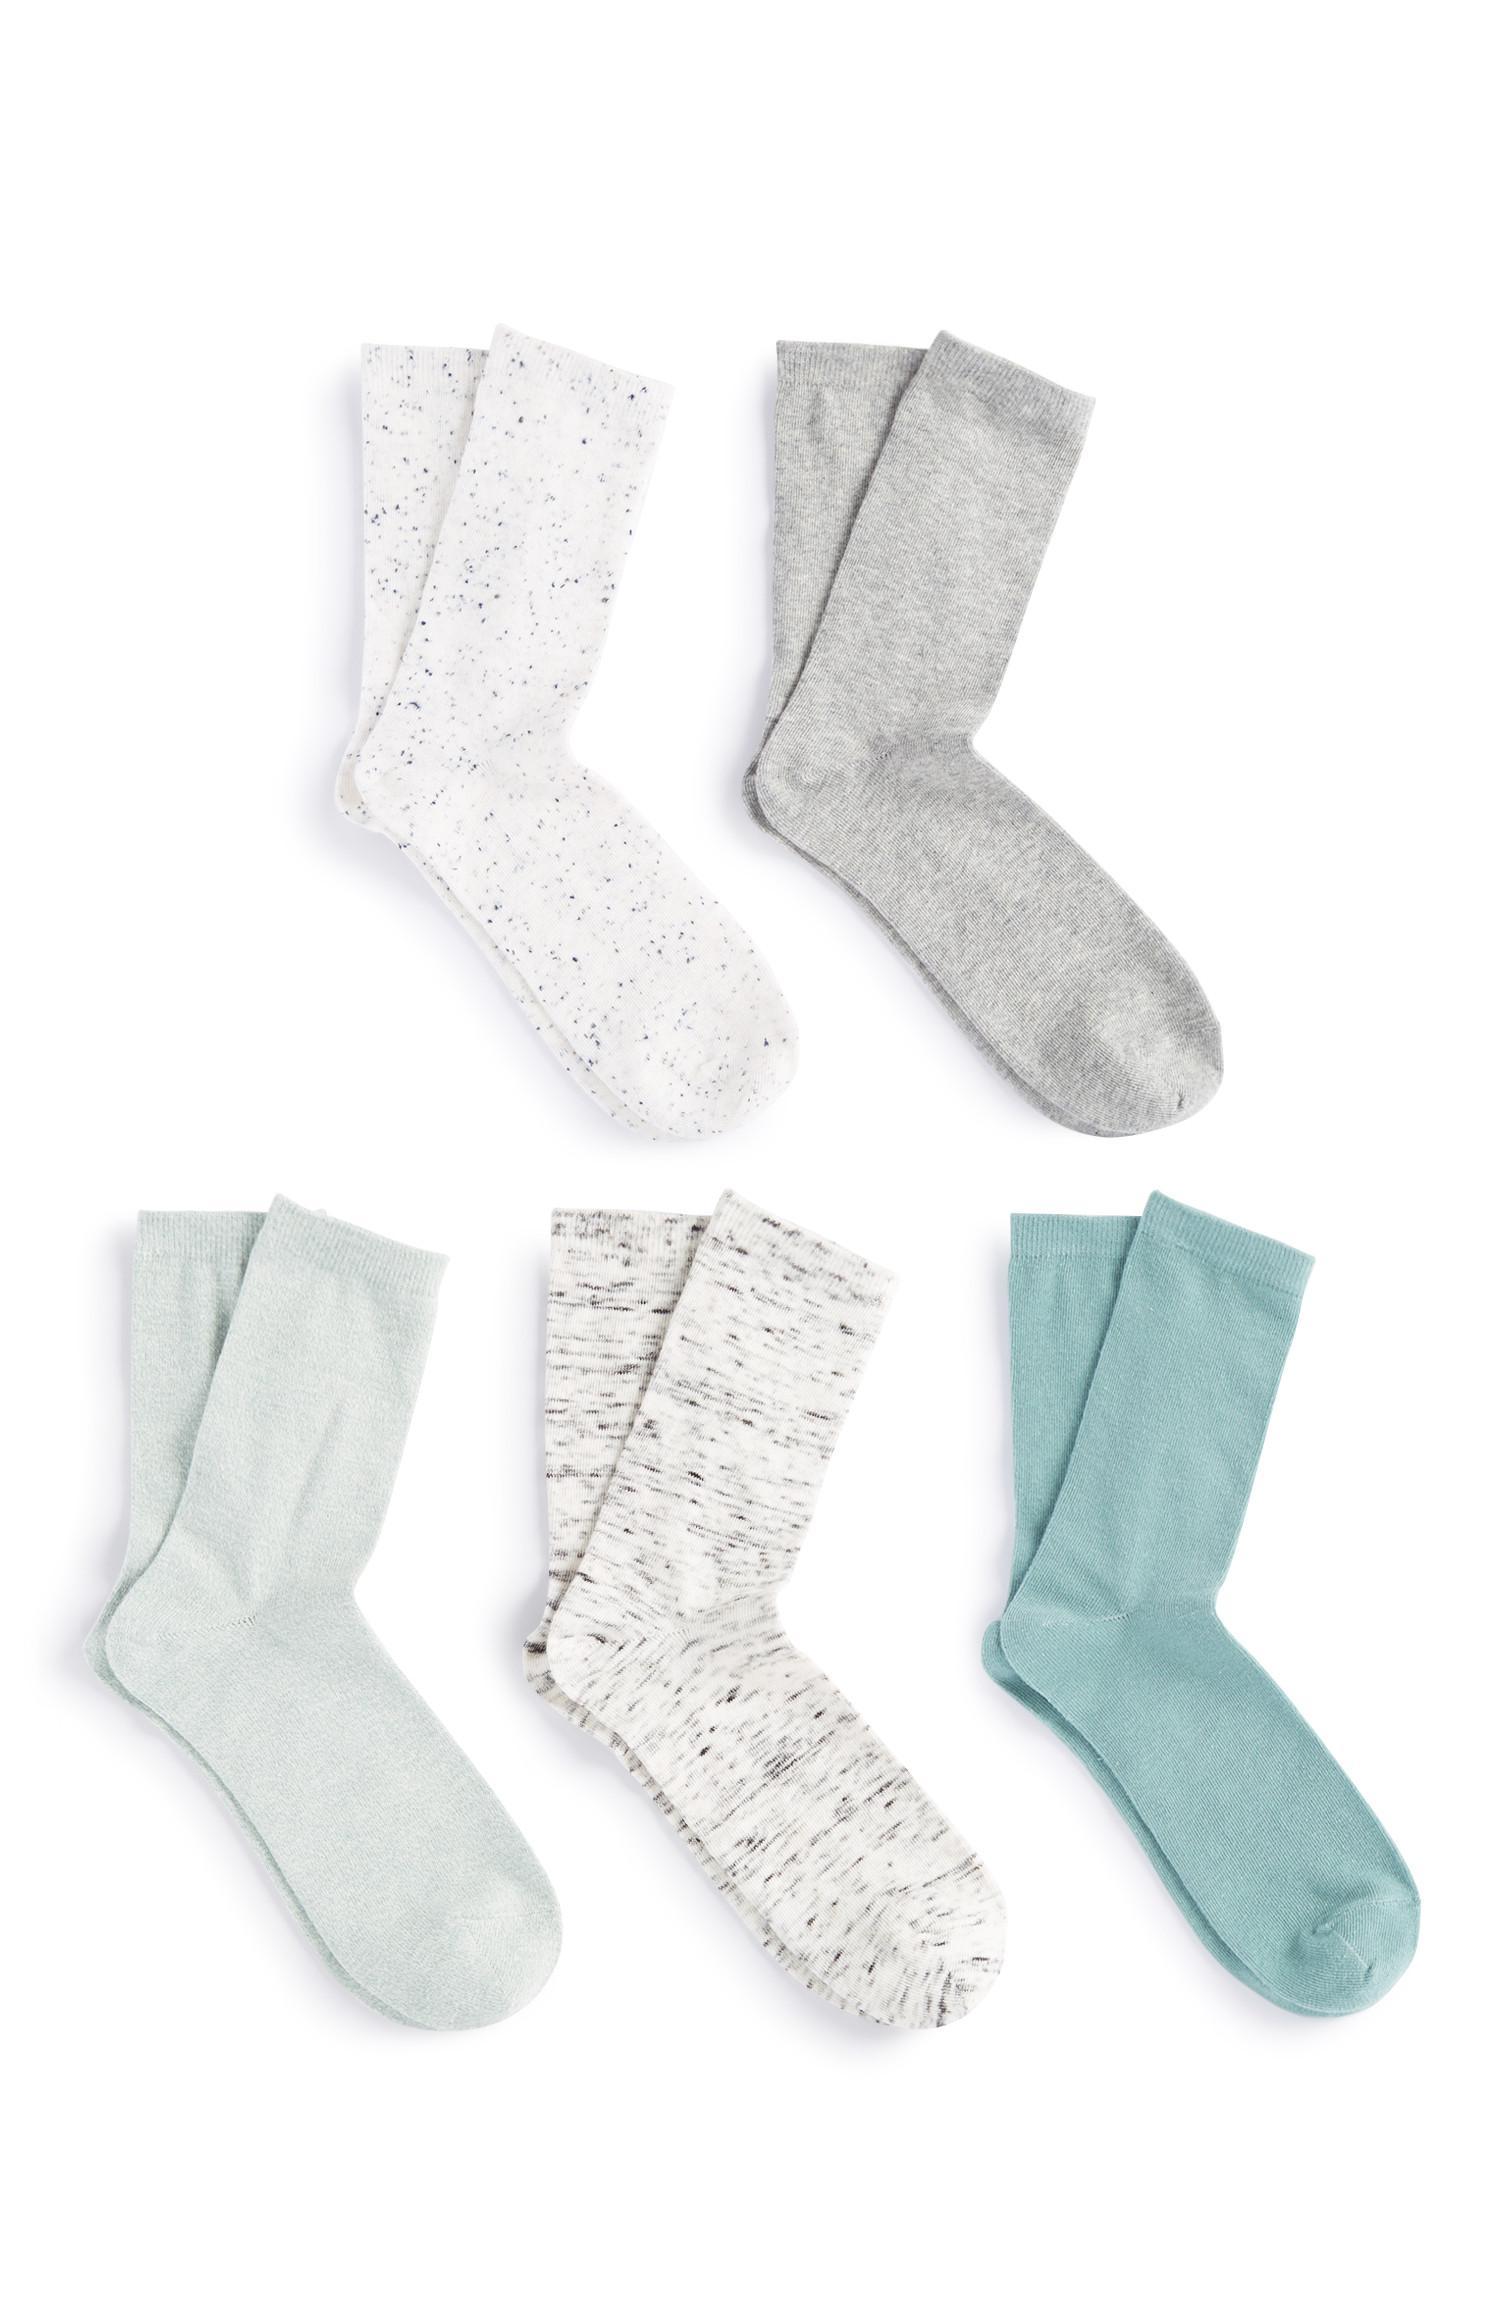 Grüne Socken, 5er-Pack